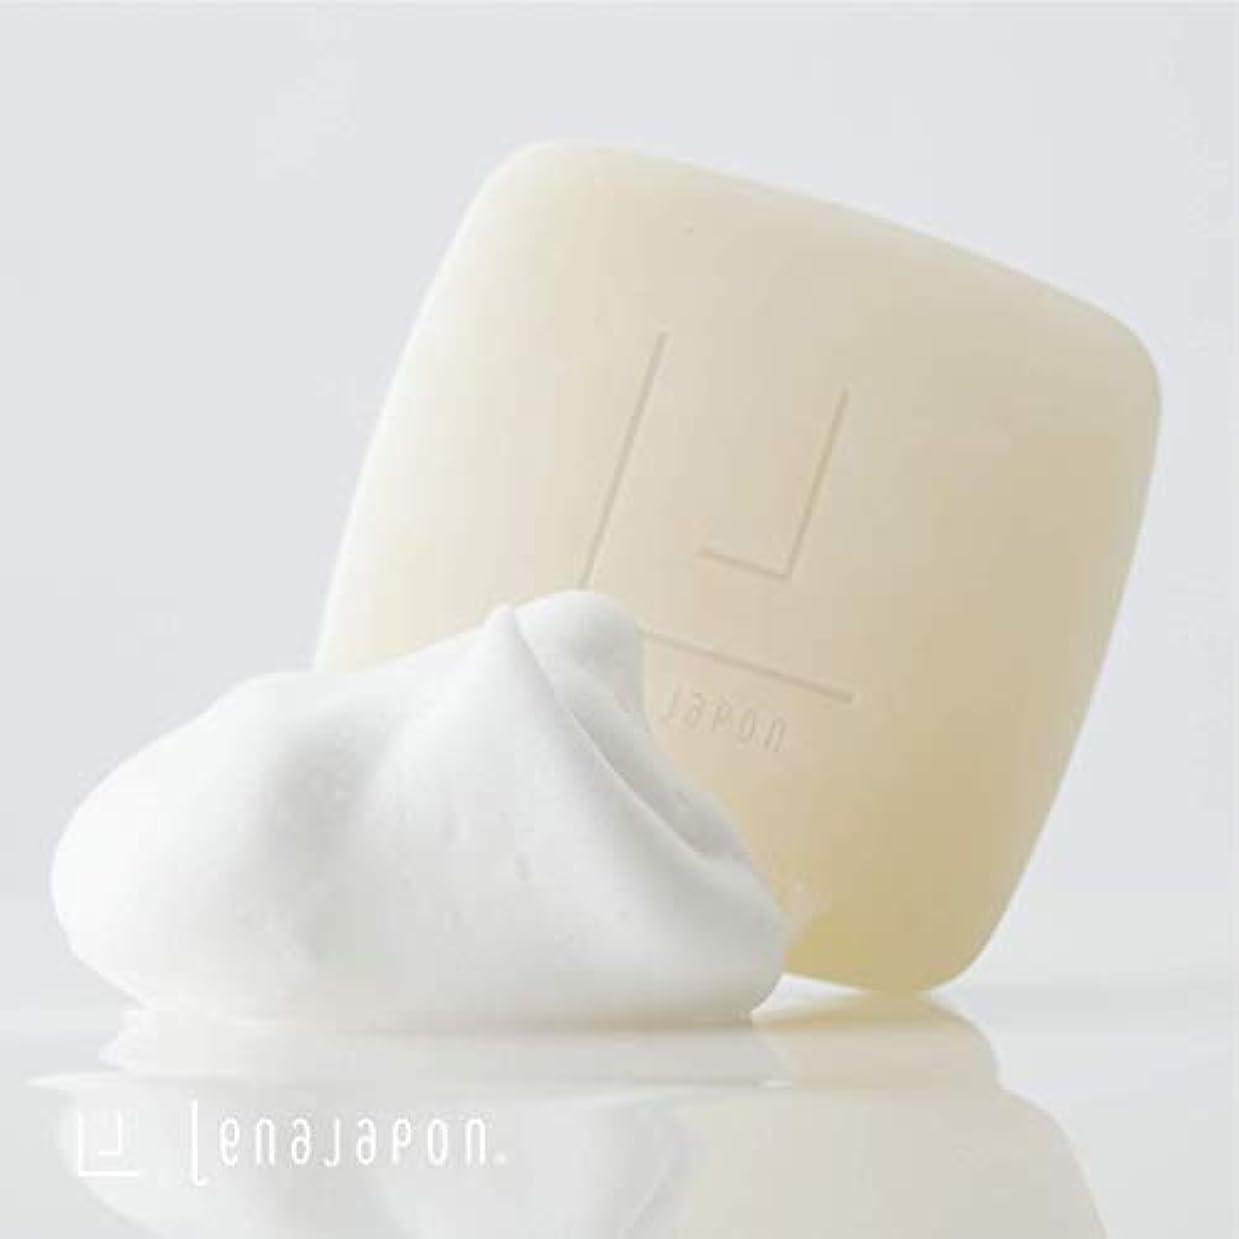 ファセット準備した掘るレナジャポン〈洗顔石鹸〉LJ モイストバー / LENAJAPON 〈rich foaming face soap〉 LJ MOIST BAR